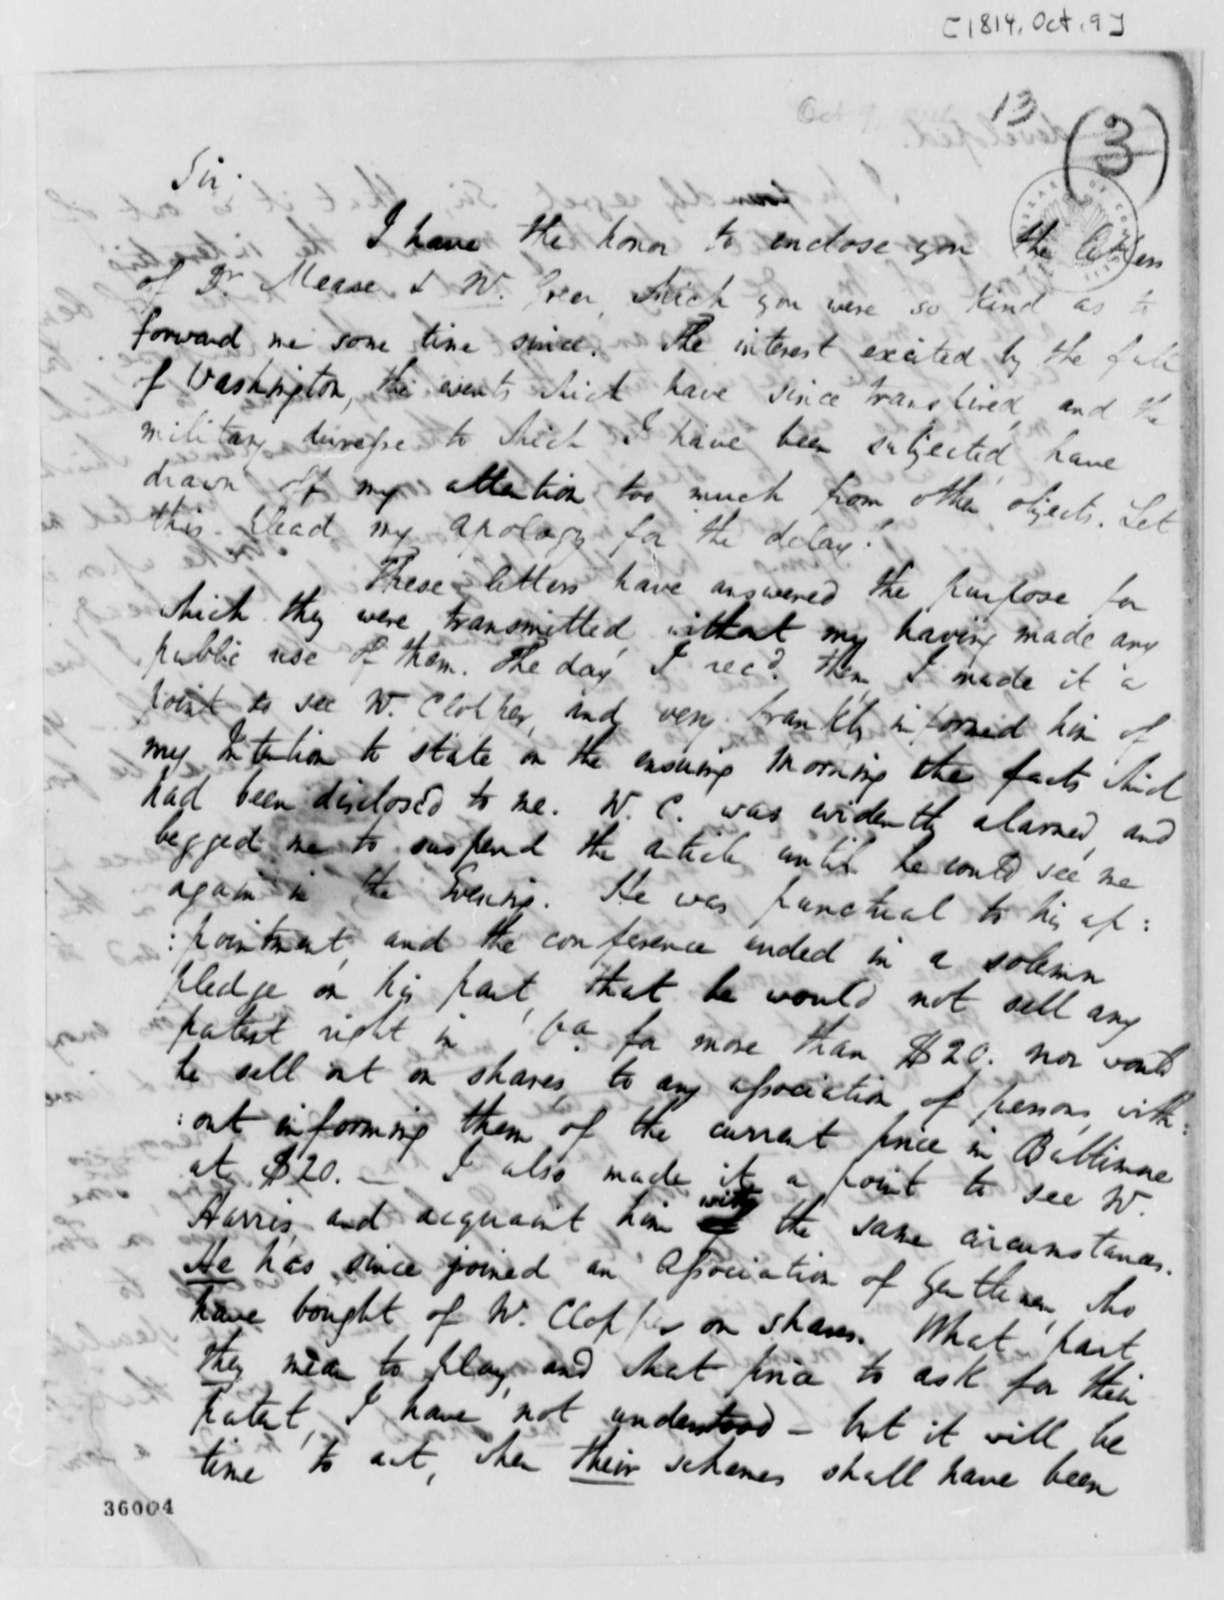 Thomas Ritchie to Thomas Jefferson, October 9, 1814